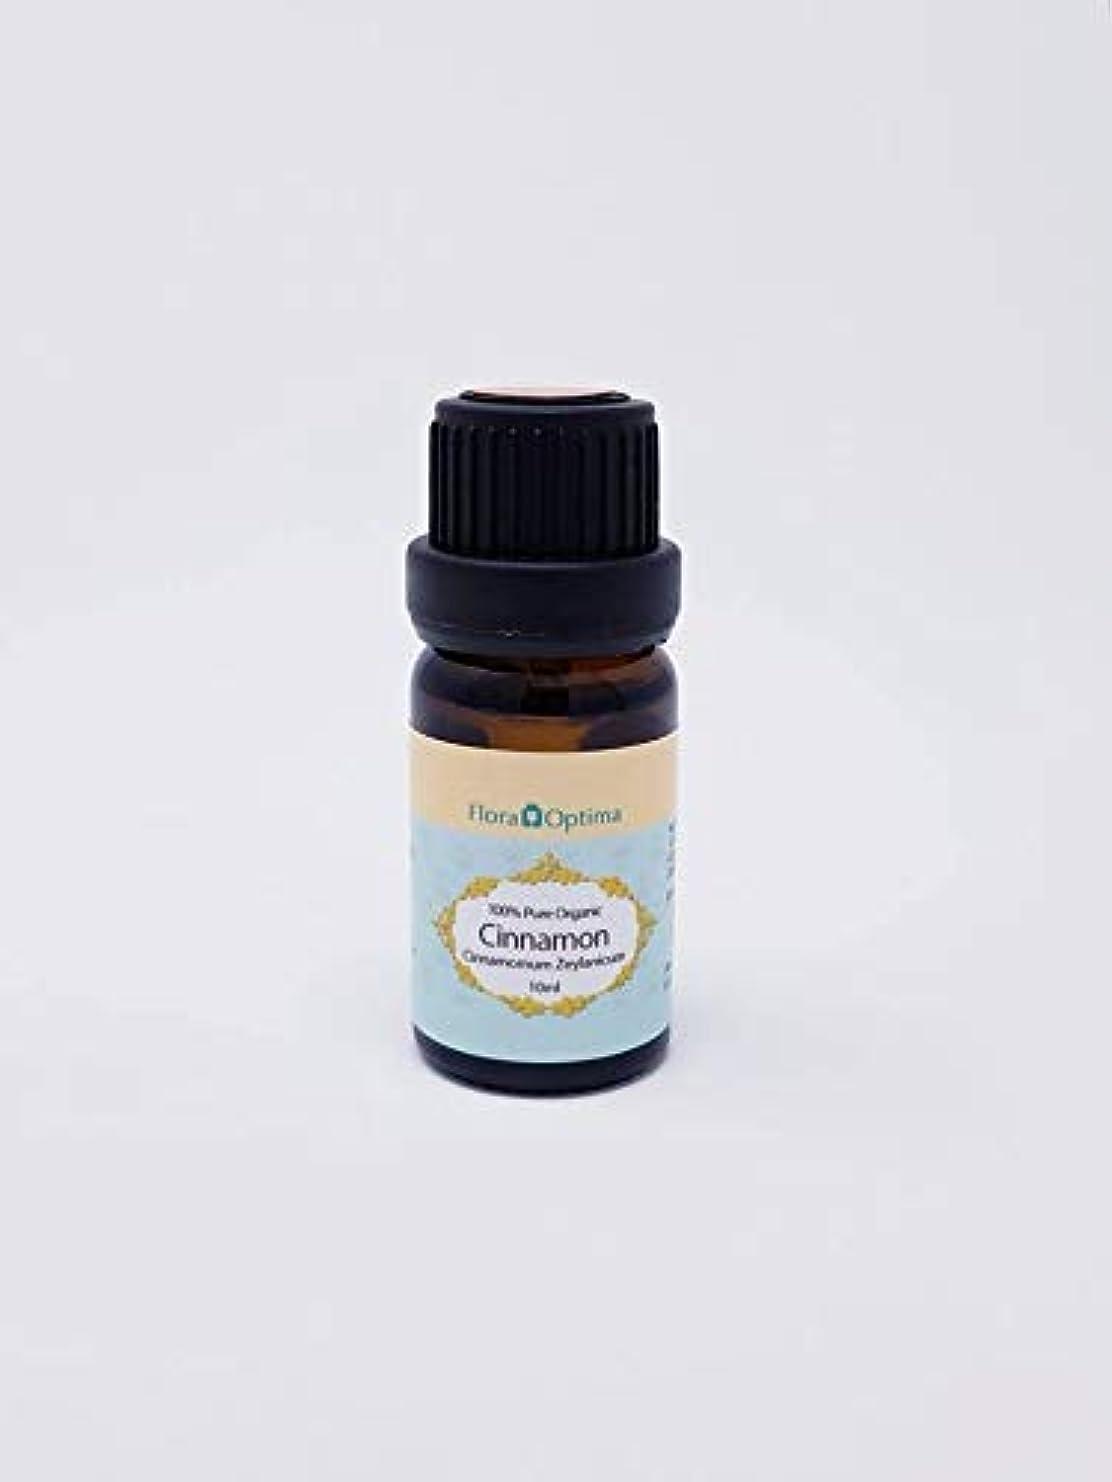 メキシコ山知的【オーガニック】シナモン?オイル(Cinnamon Oil) - 10ml -